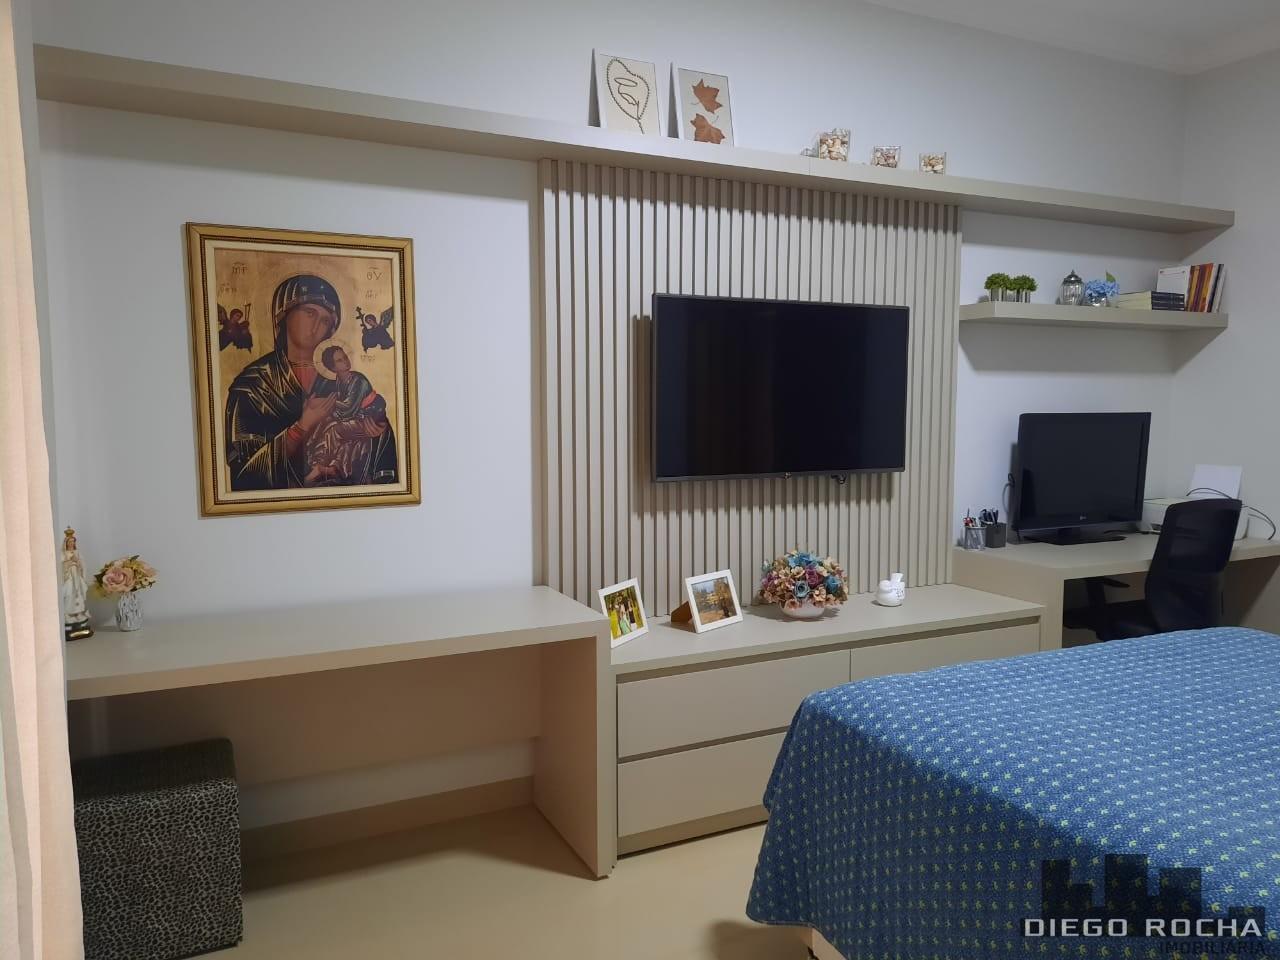 imoveis/2021/06/casa-de-alvenaria-excelente-imovel-de-alto-padrao-2670-5-1623440647.jpg